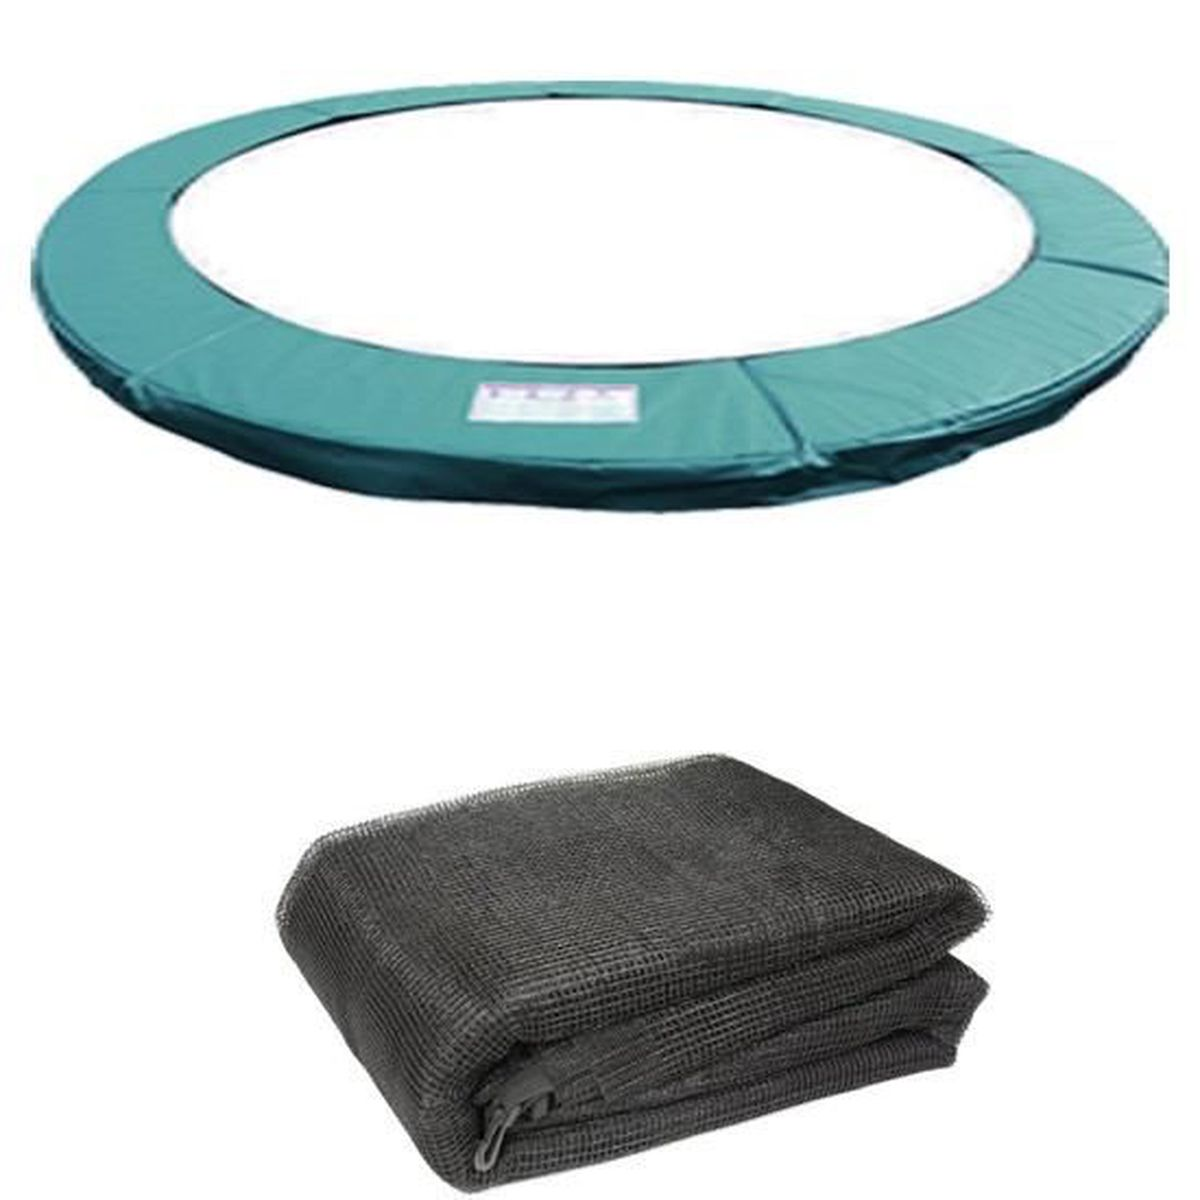 Filet de s/écurit/é de Rechange Greenbay Coussin De Protection de Ressorts pour Trampoline 6 8 10 12 13 14 FT Vert Couverture Rembourrage